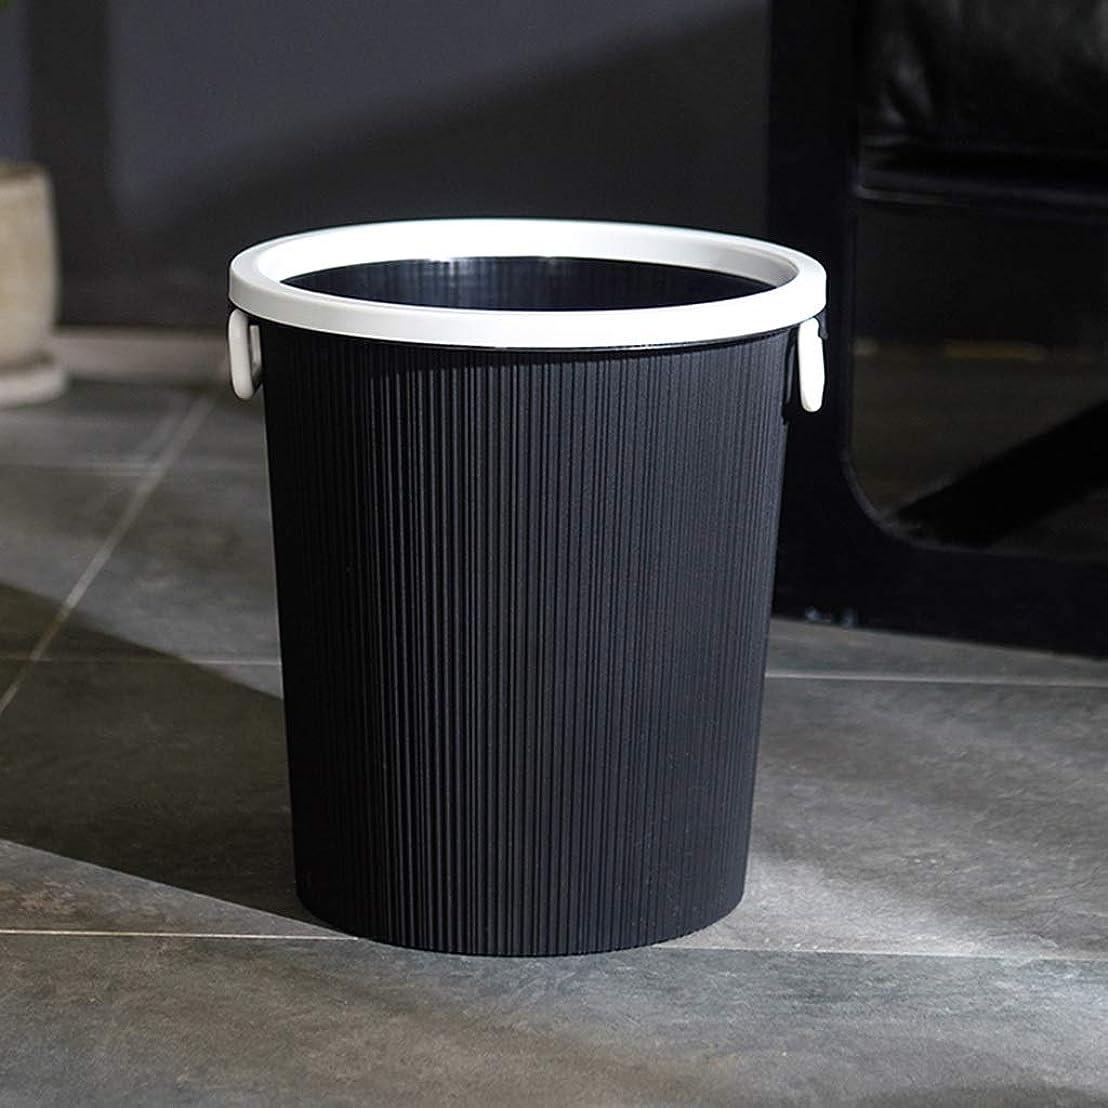 悪党大洪水穏やかなゴミ箱プラスチックゴミ箱、快適なハンドルとプレスリングのデザイン、キッチンリビングルームのバスルーム ヒューヒーロー (Color : Black)